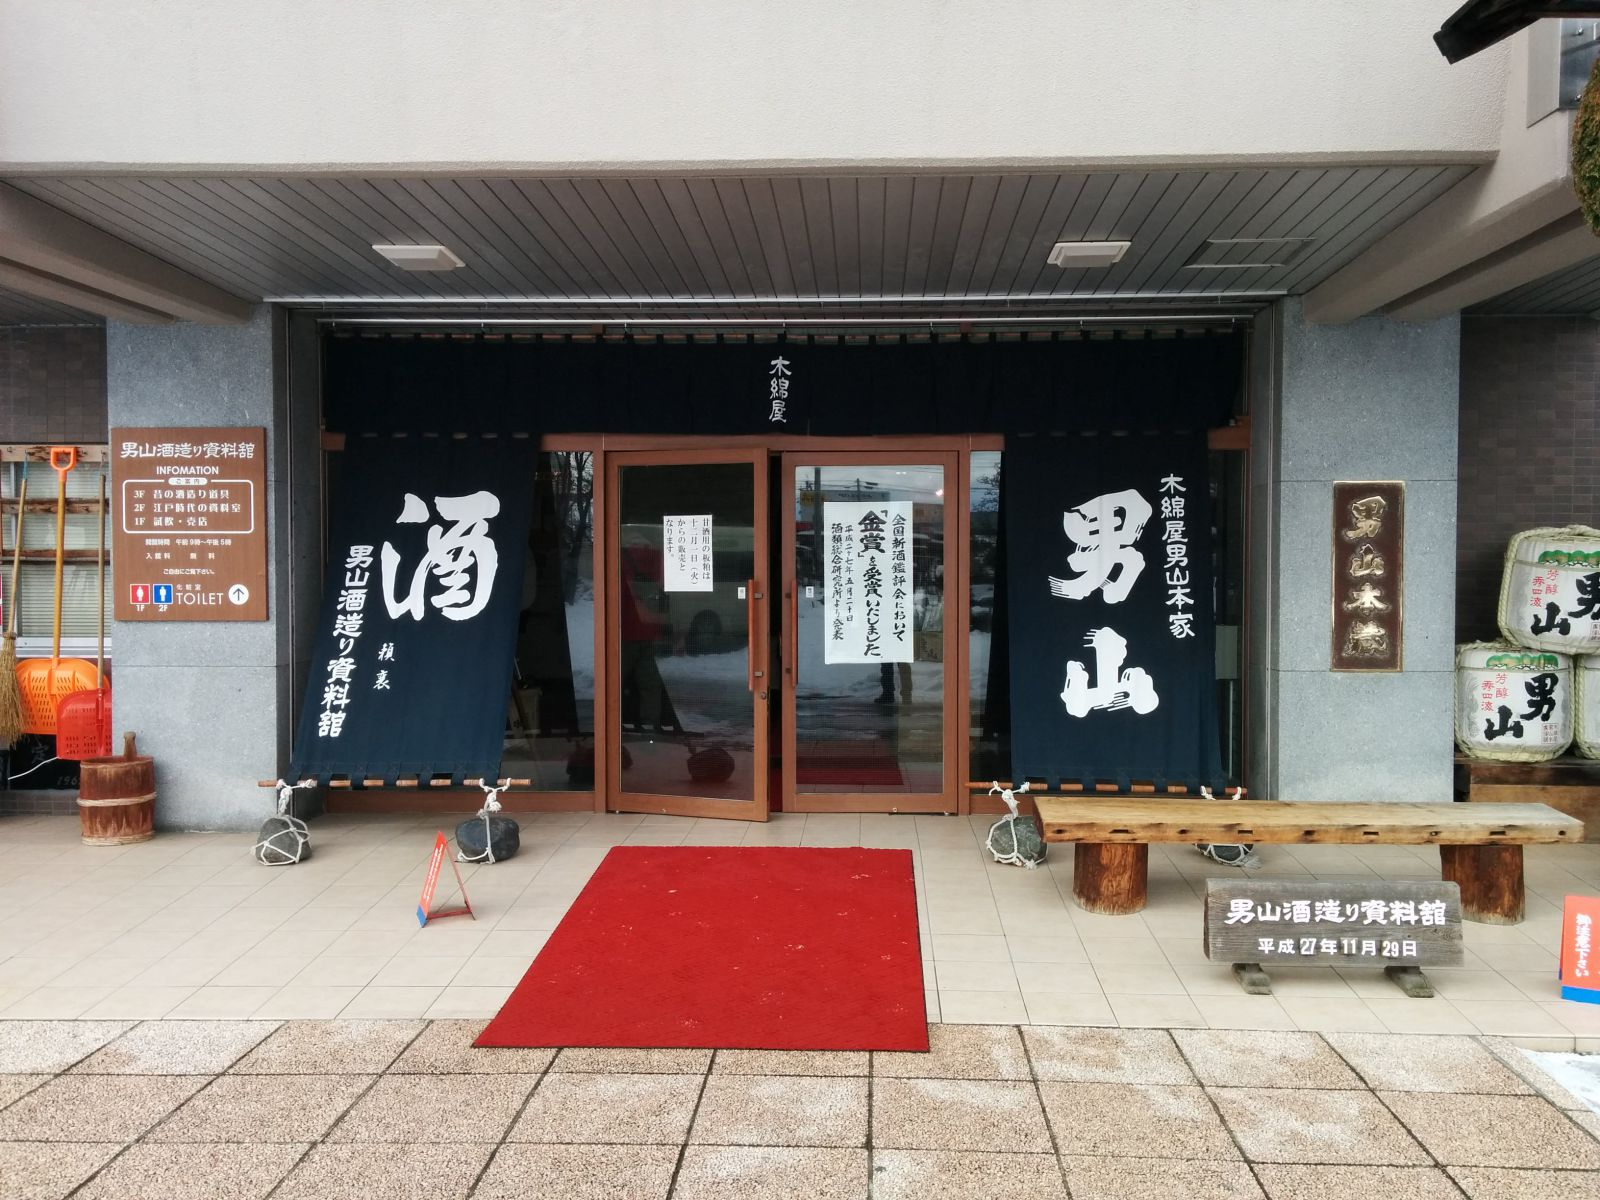 【旭川観光タクシー】冬の男山酒造観光案内です。